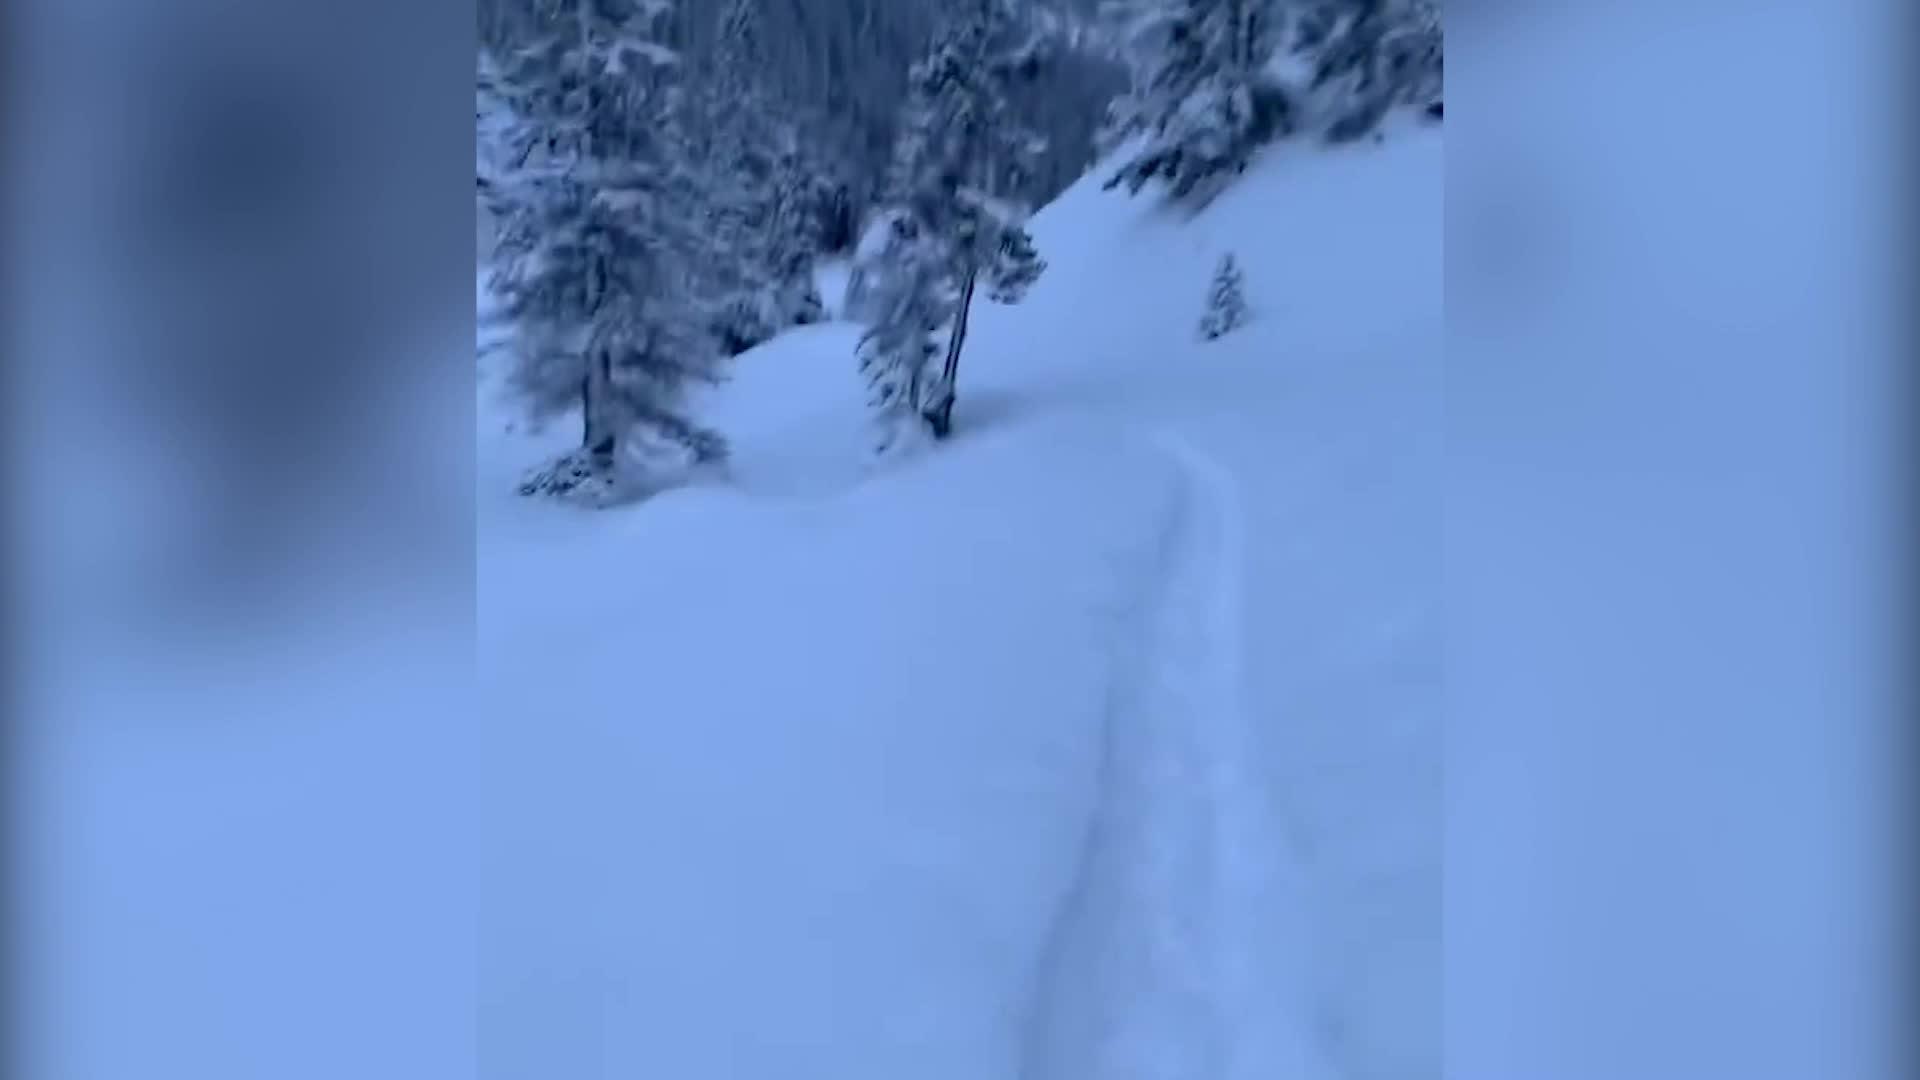 Una avalancha cae mientras un hombre se ejercitaba en Lake Louise, en las montañas rocosas de Alberta, Canadá.